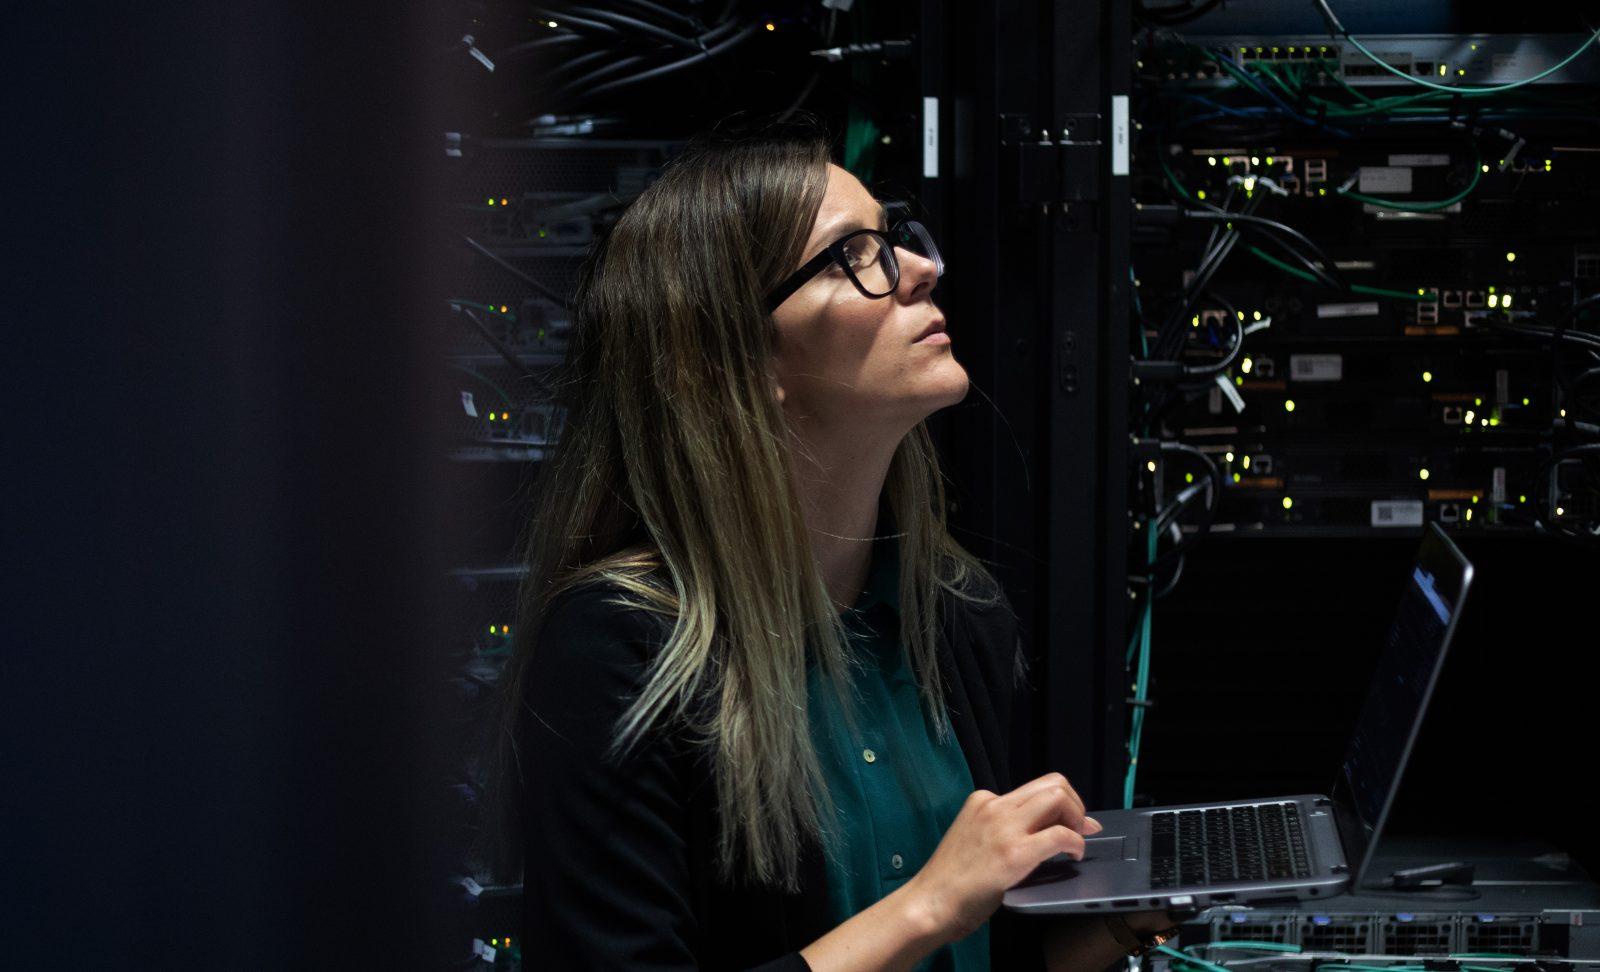 L'Italia ha bisogno di programmatori. Ma fa di tutto per impedire alle donne di diventarlo.